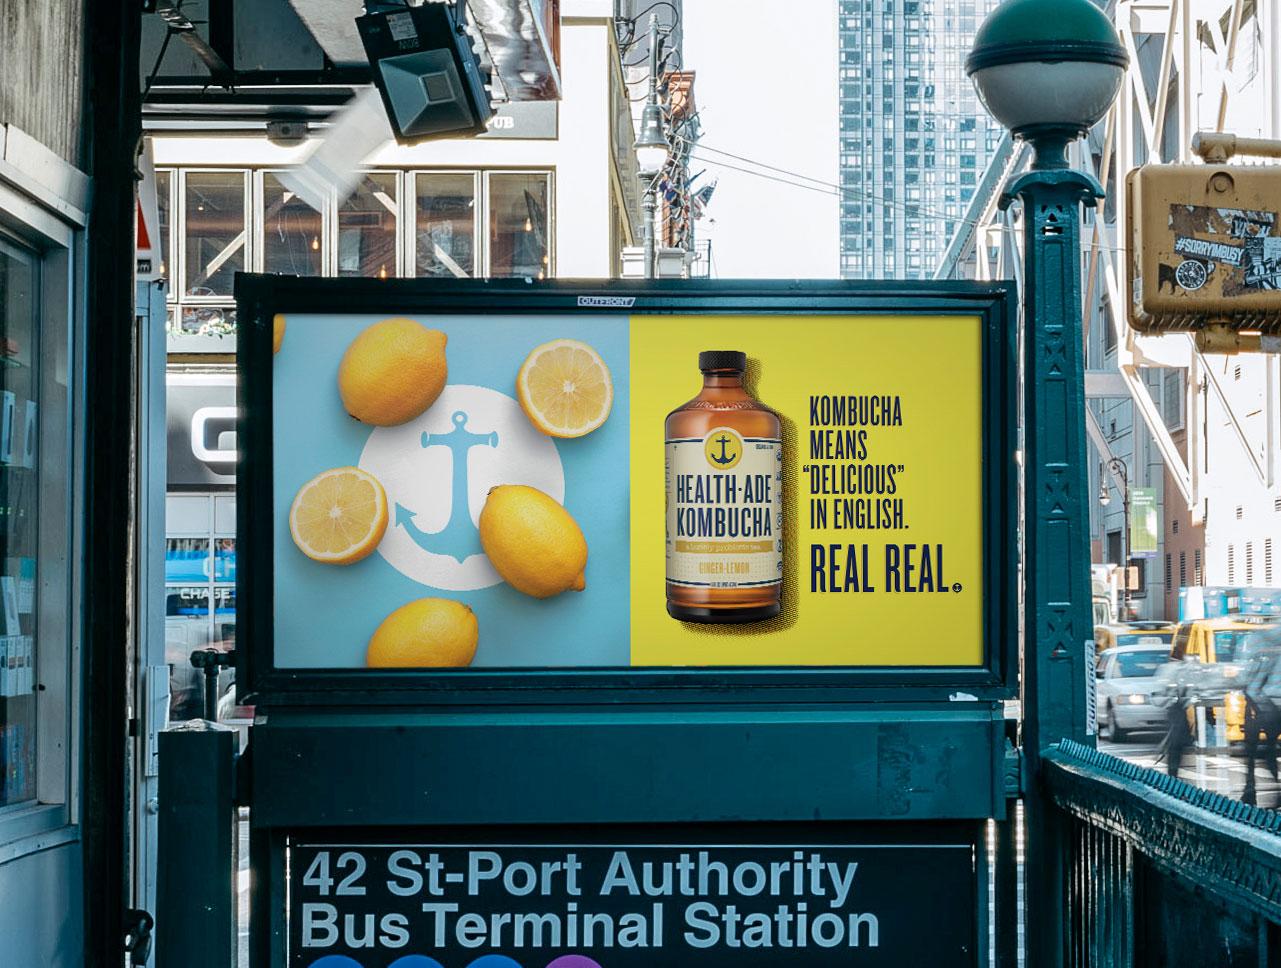 HA_NYC_KOMBUCHAMEANS.jpg